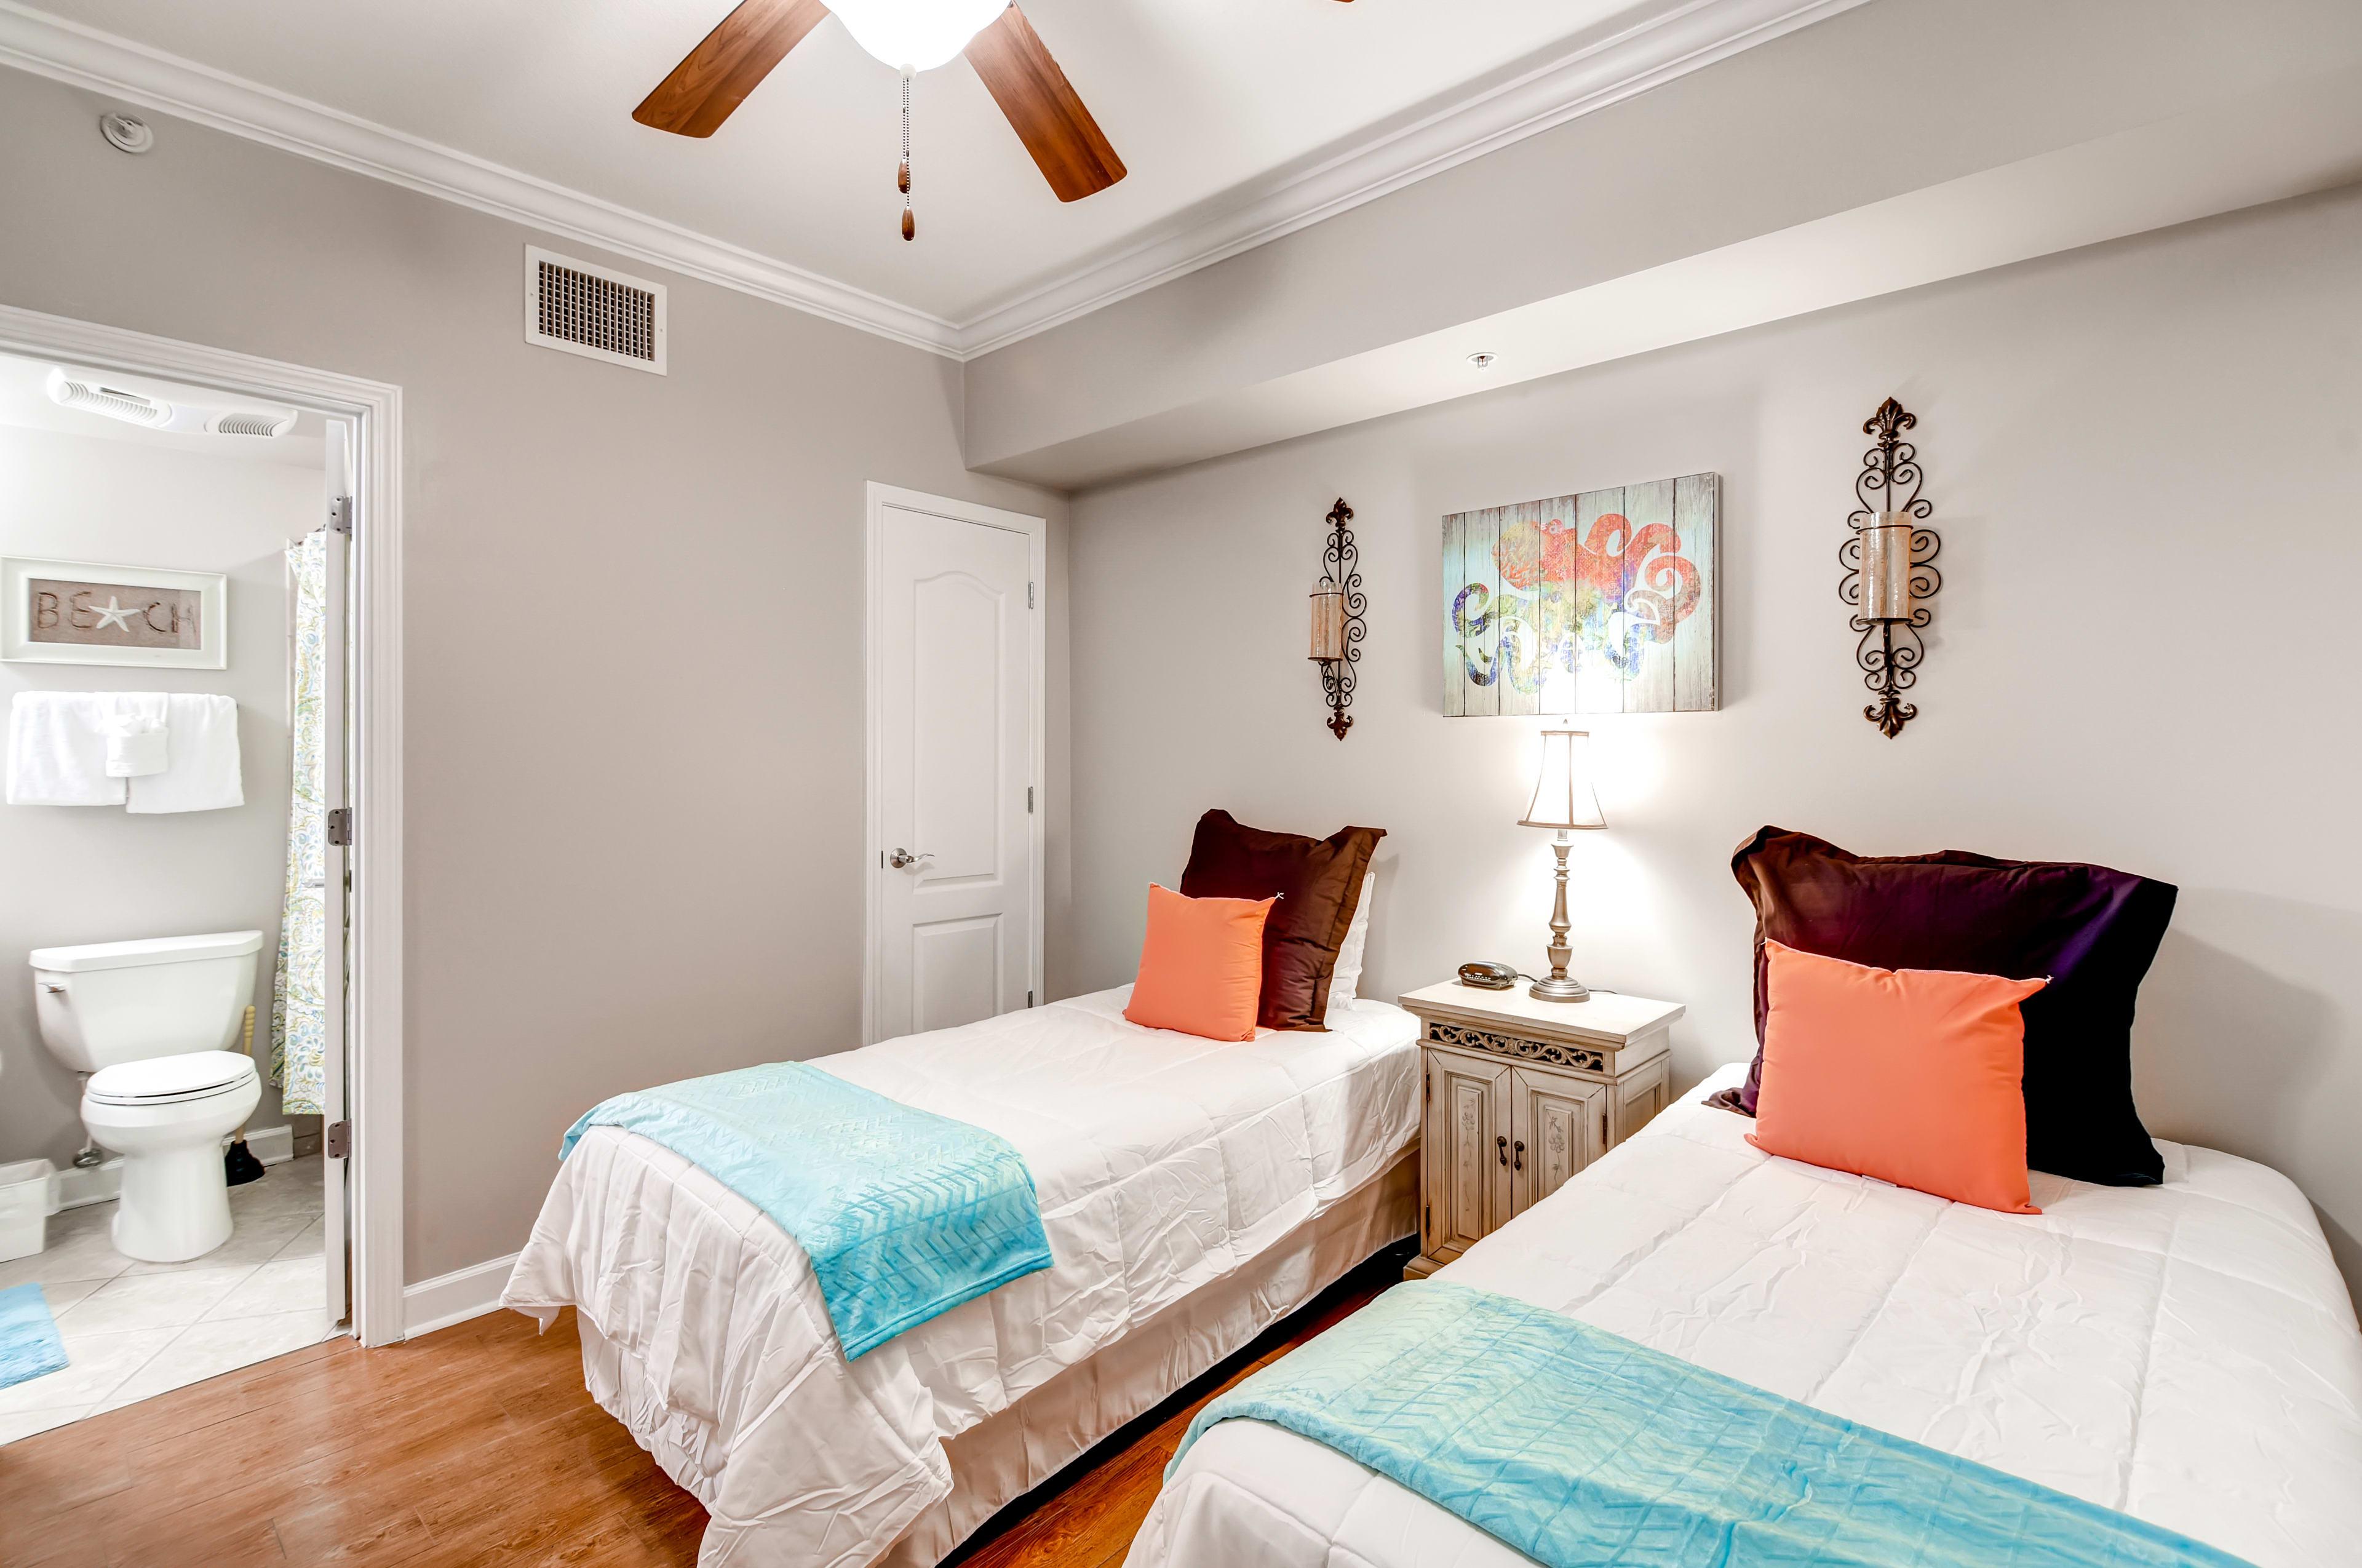 Bedroom 2 | 2 Twin Beds